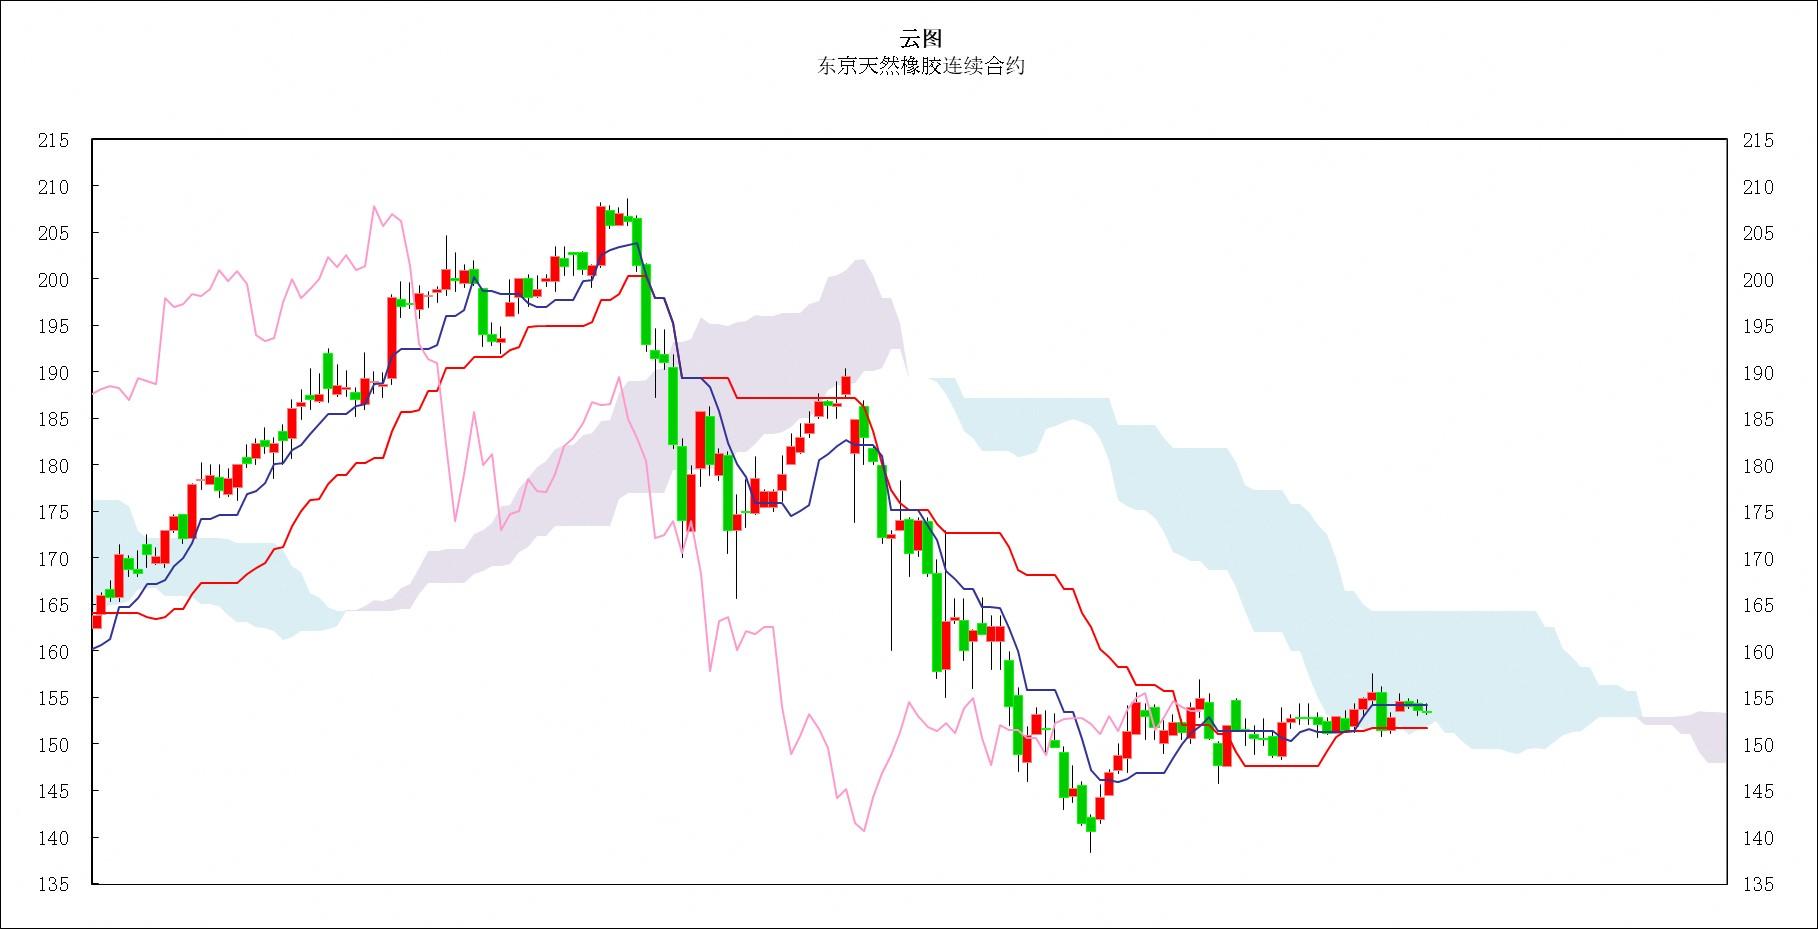 日本商品市场日评:东京黄金向上突破,橡胶市场走势偏软